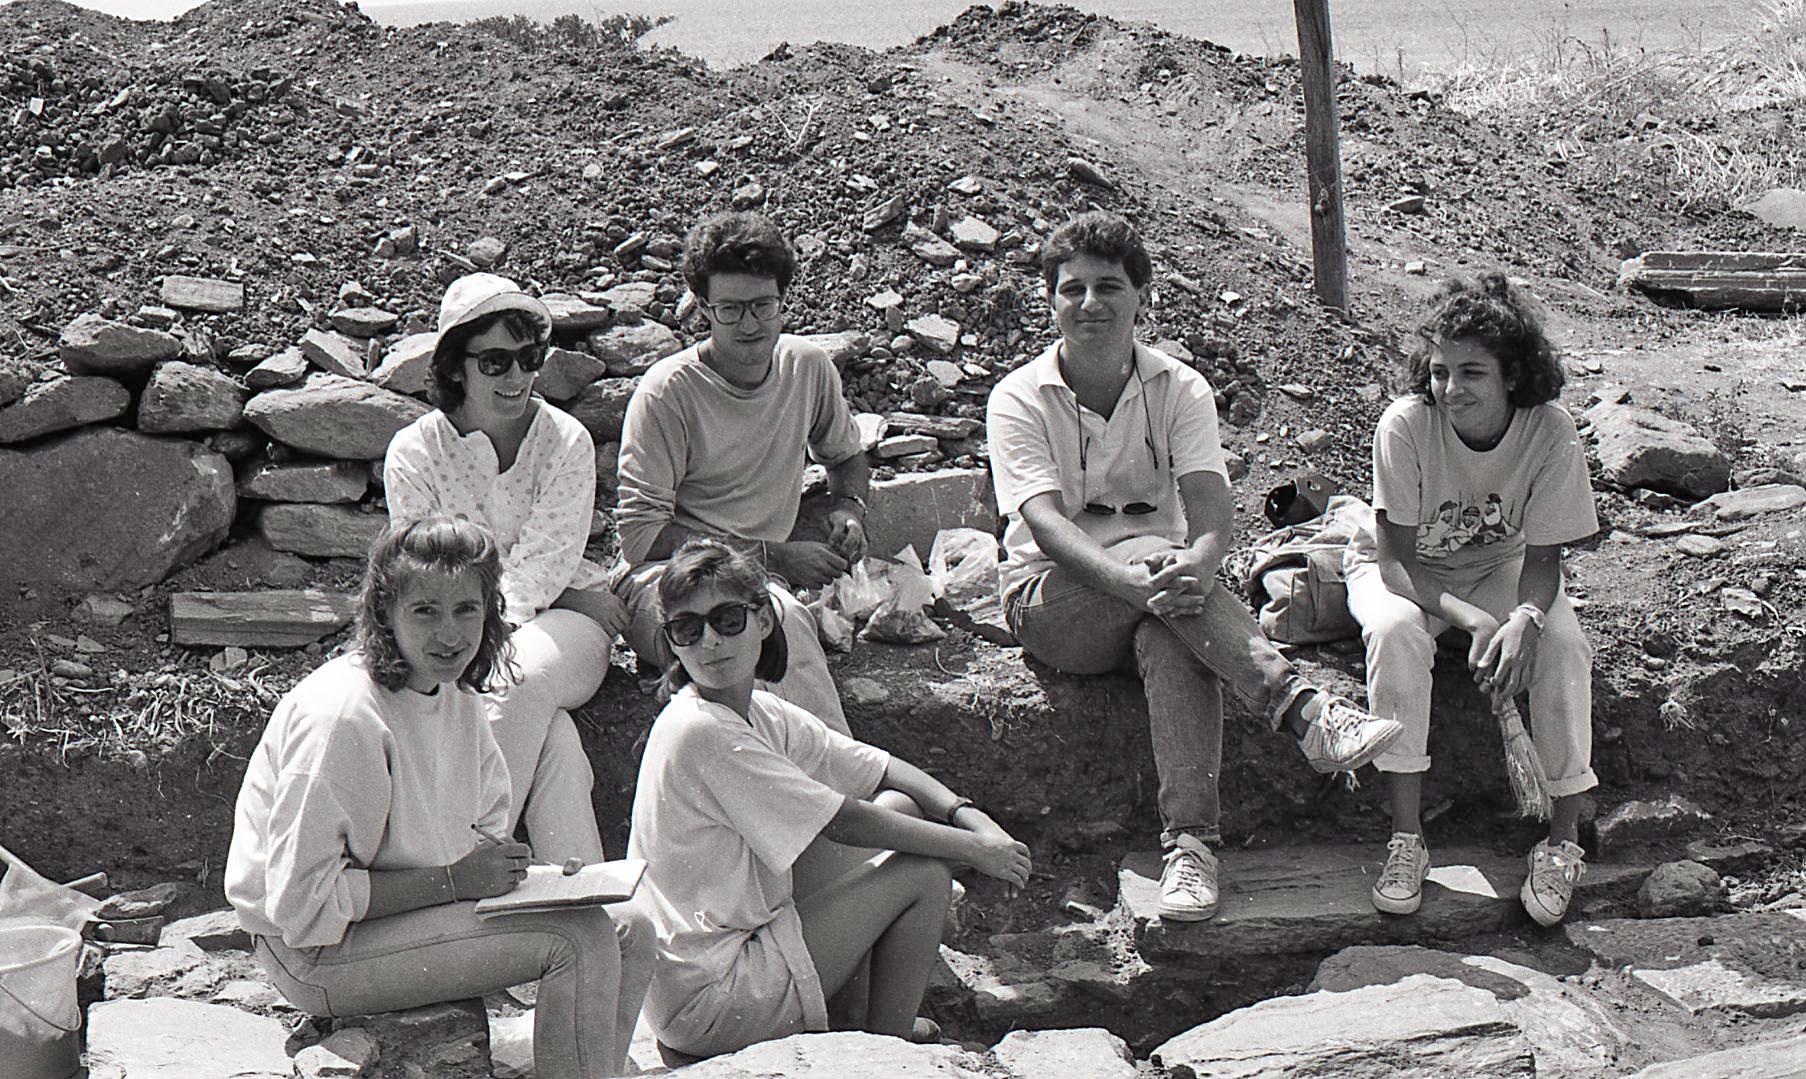 Ανασκαφή στην αγορά, 1988